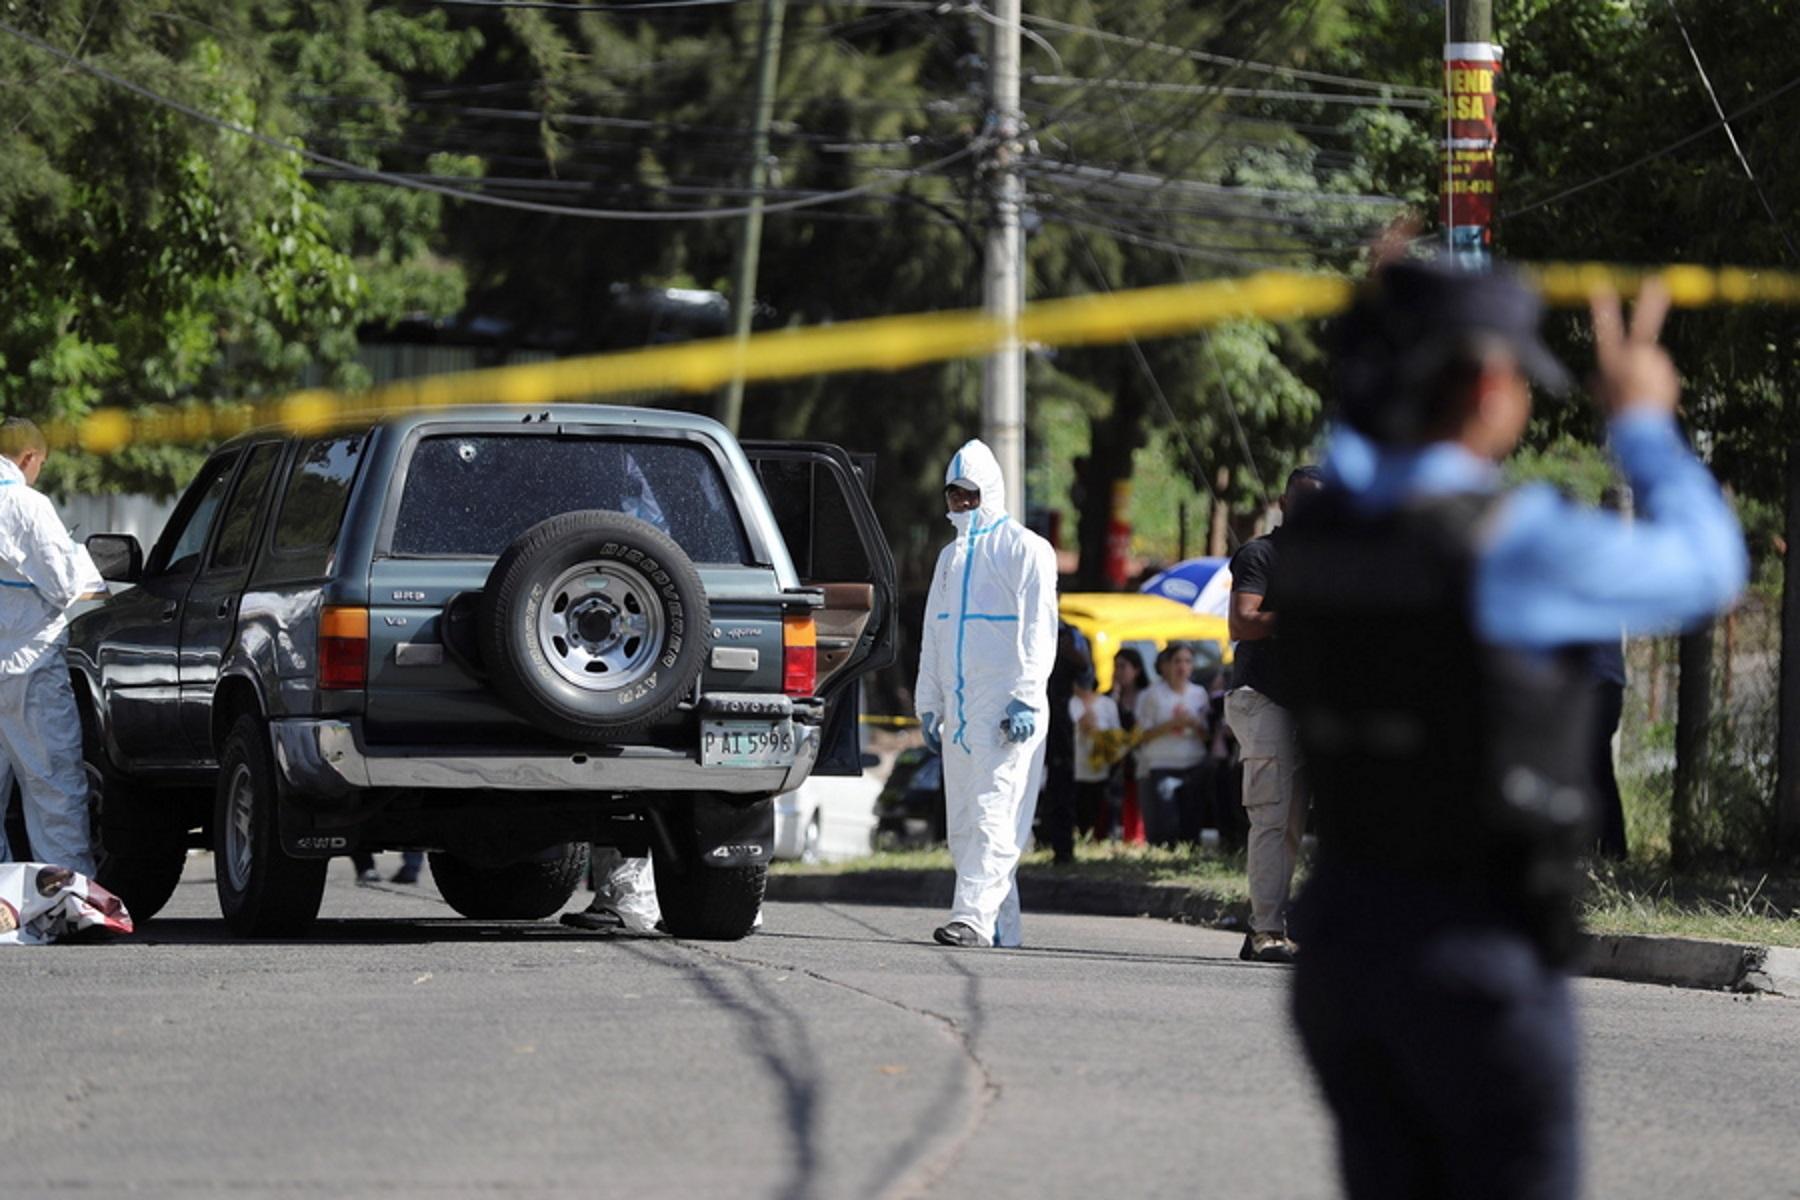 Ονδούρα: Δολοφονήθηκε οικολόγος που αγωνιζόταν να εμποδίσει την ανέγερση υδροηλεκτρικού φράγματος